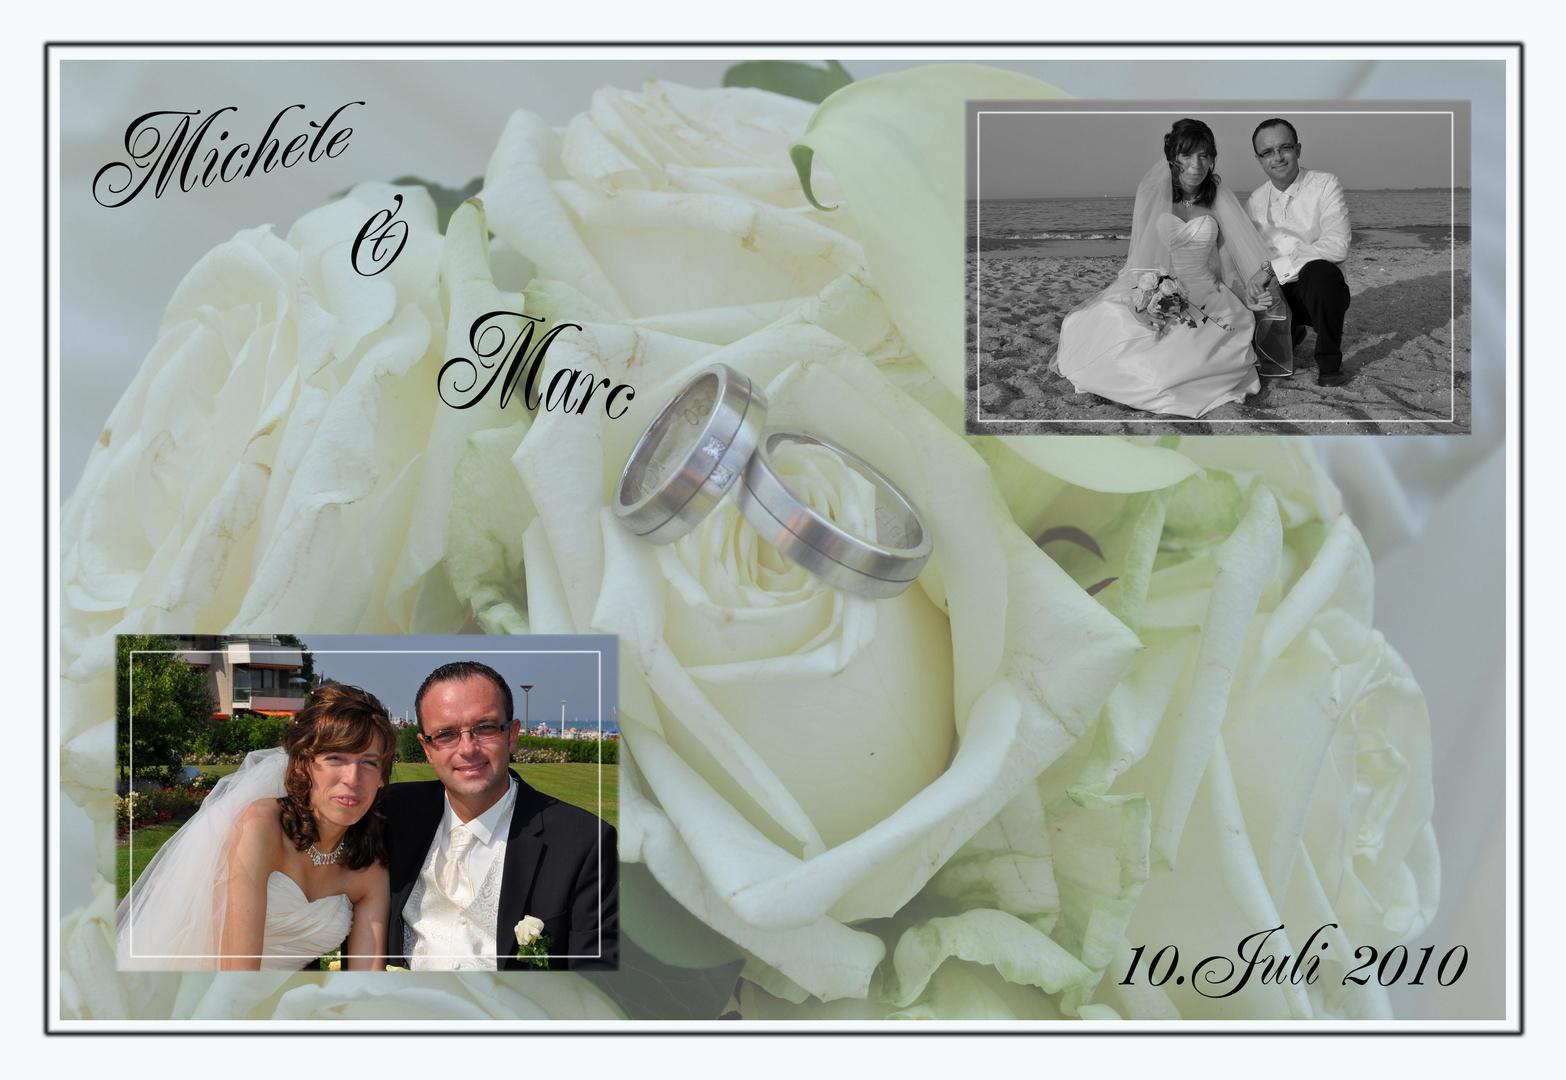 Hochzeit M M Collage Foto Bild Hochzeit Menschen Bilder Auf